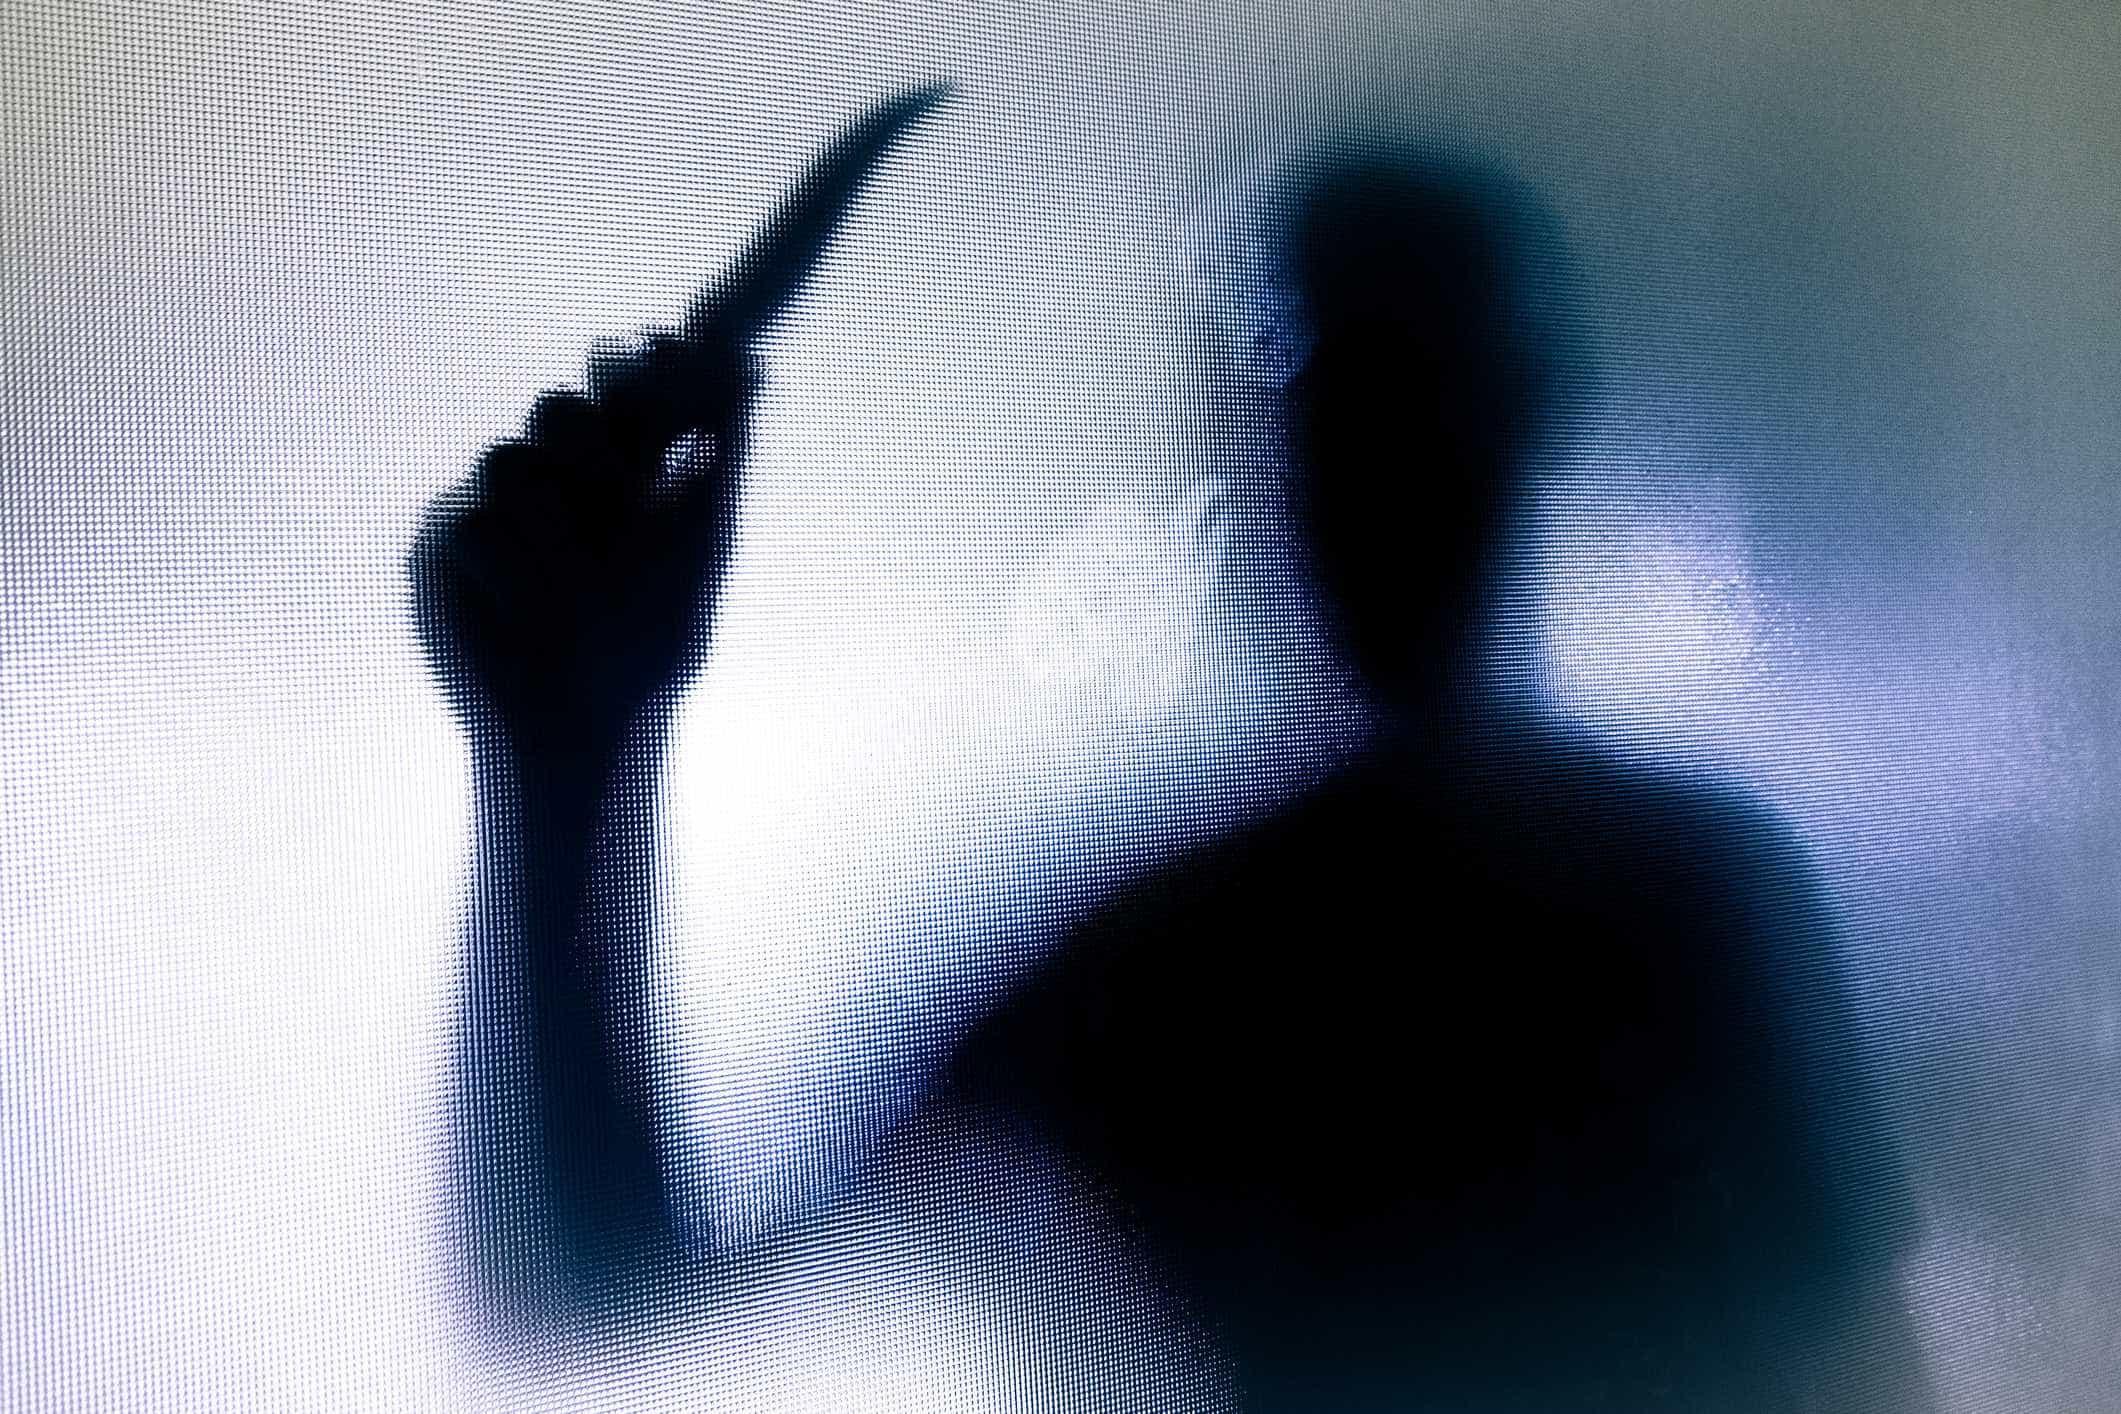 Crimes famosos: casos em que alguém deu 'match' com um serial killer